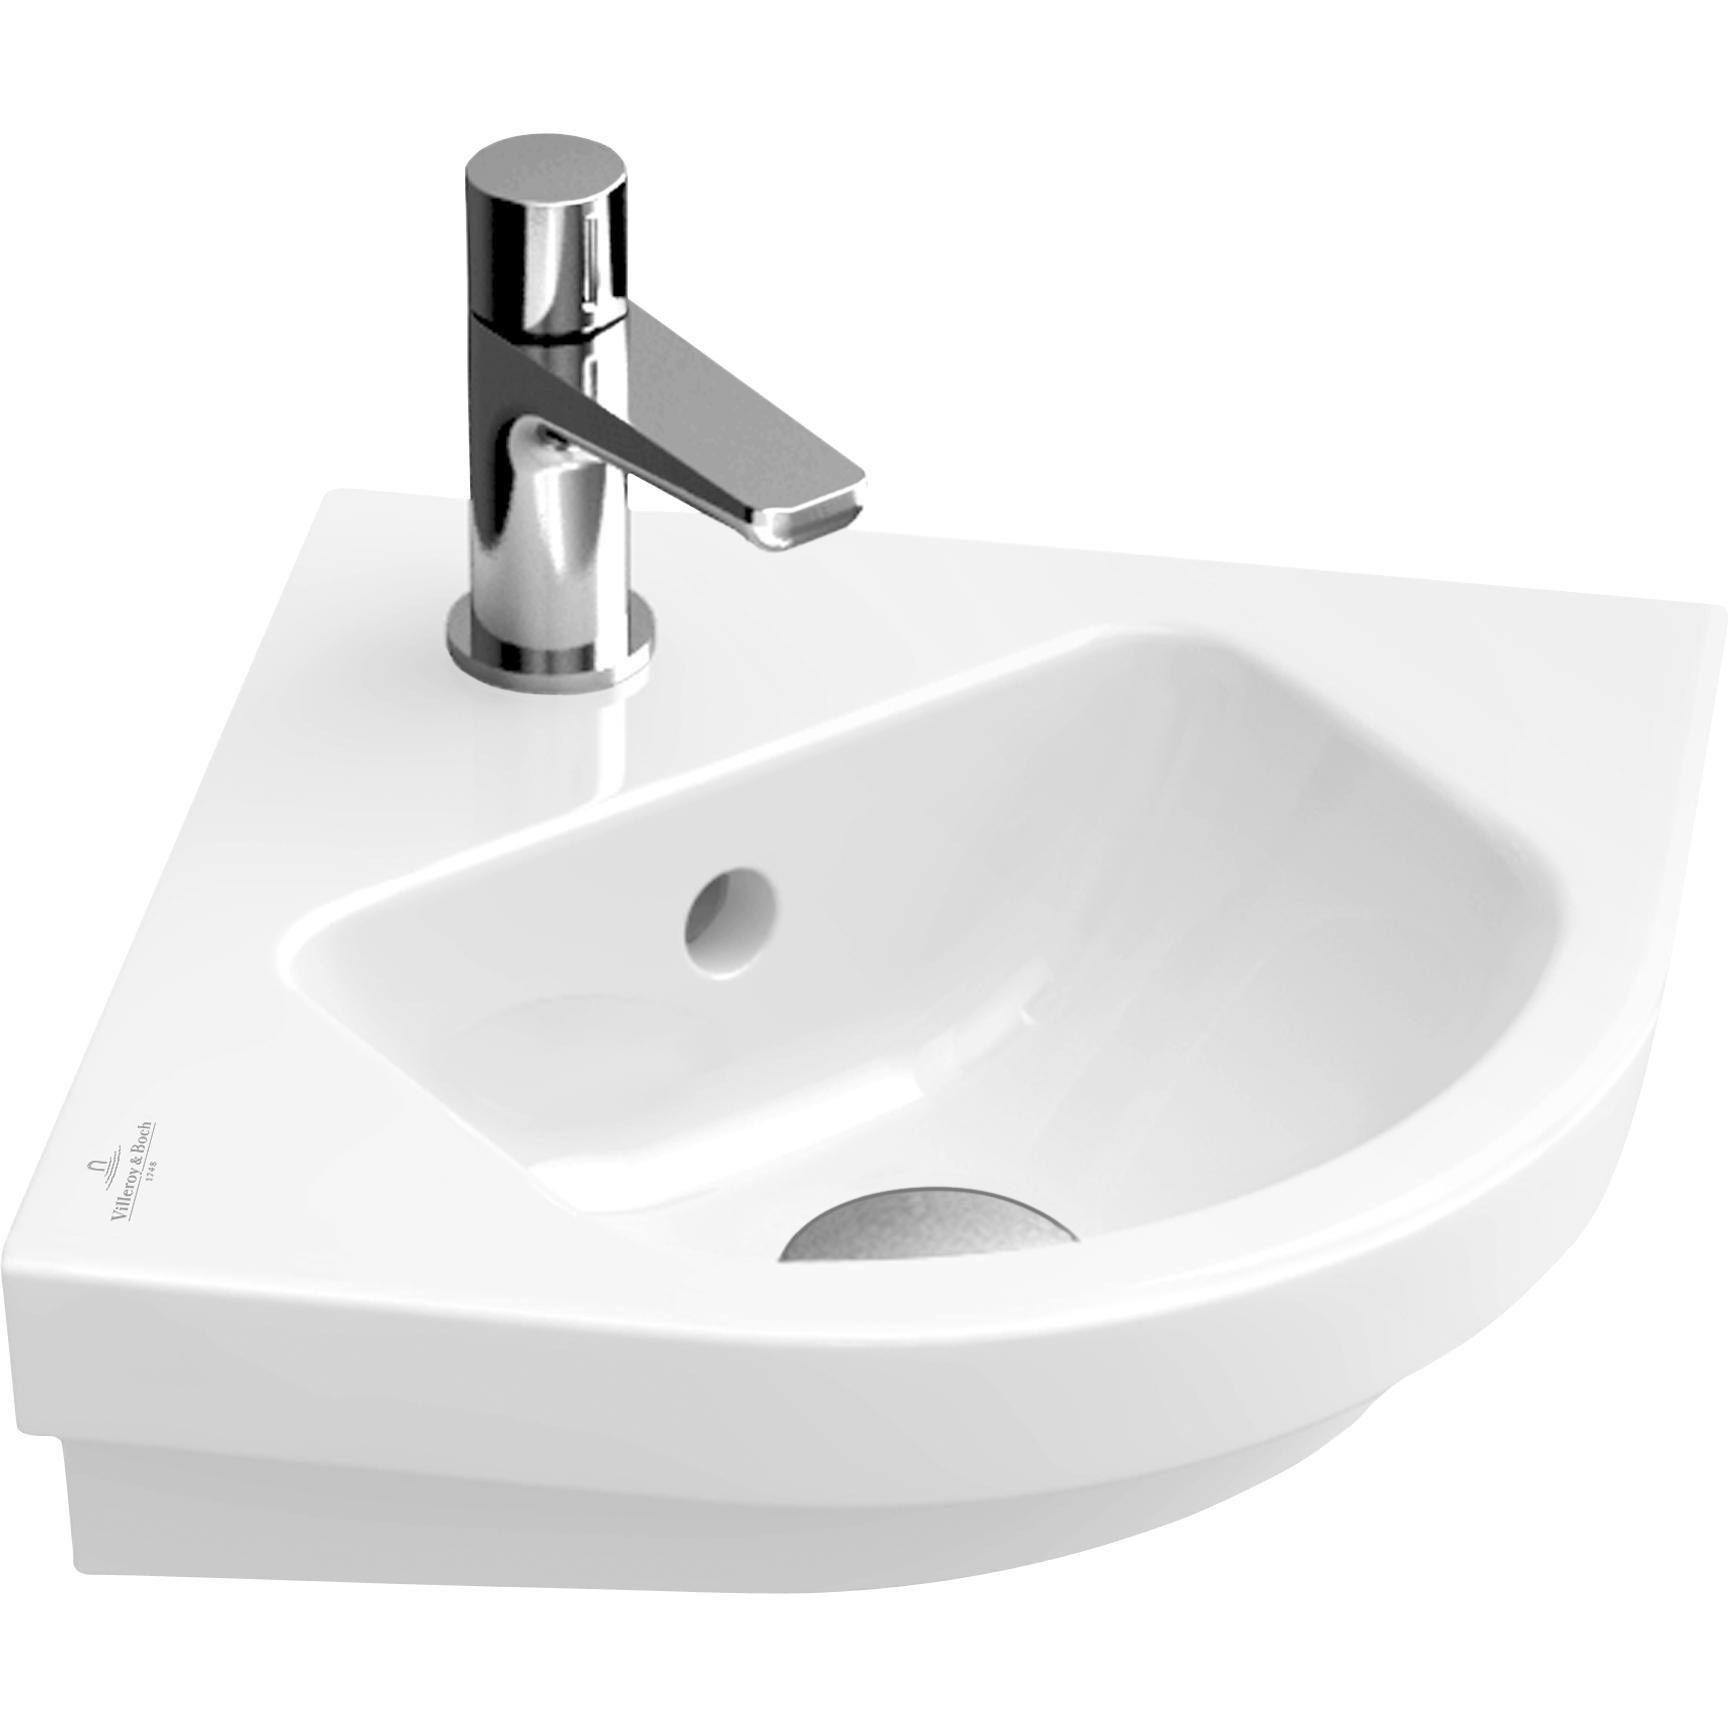 Tvättställ Villeroy & Boch Subway 2.0 Kvartscirkel 450 mm